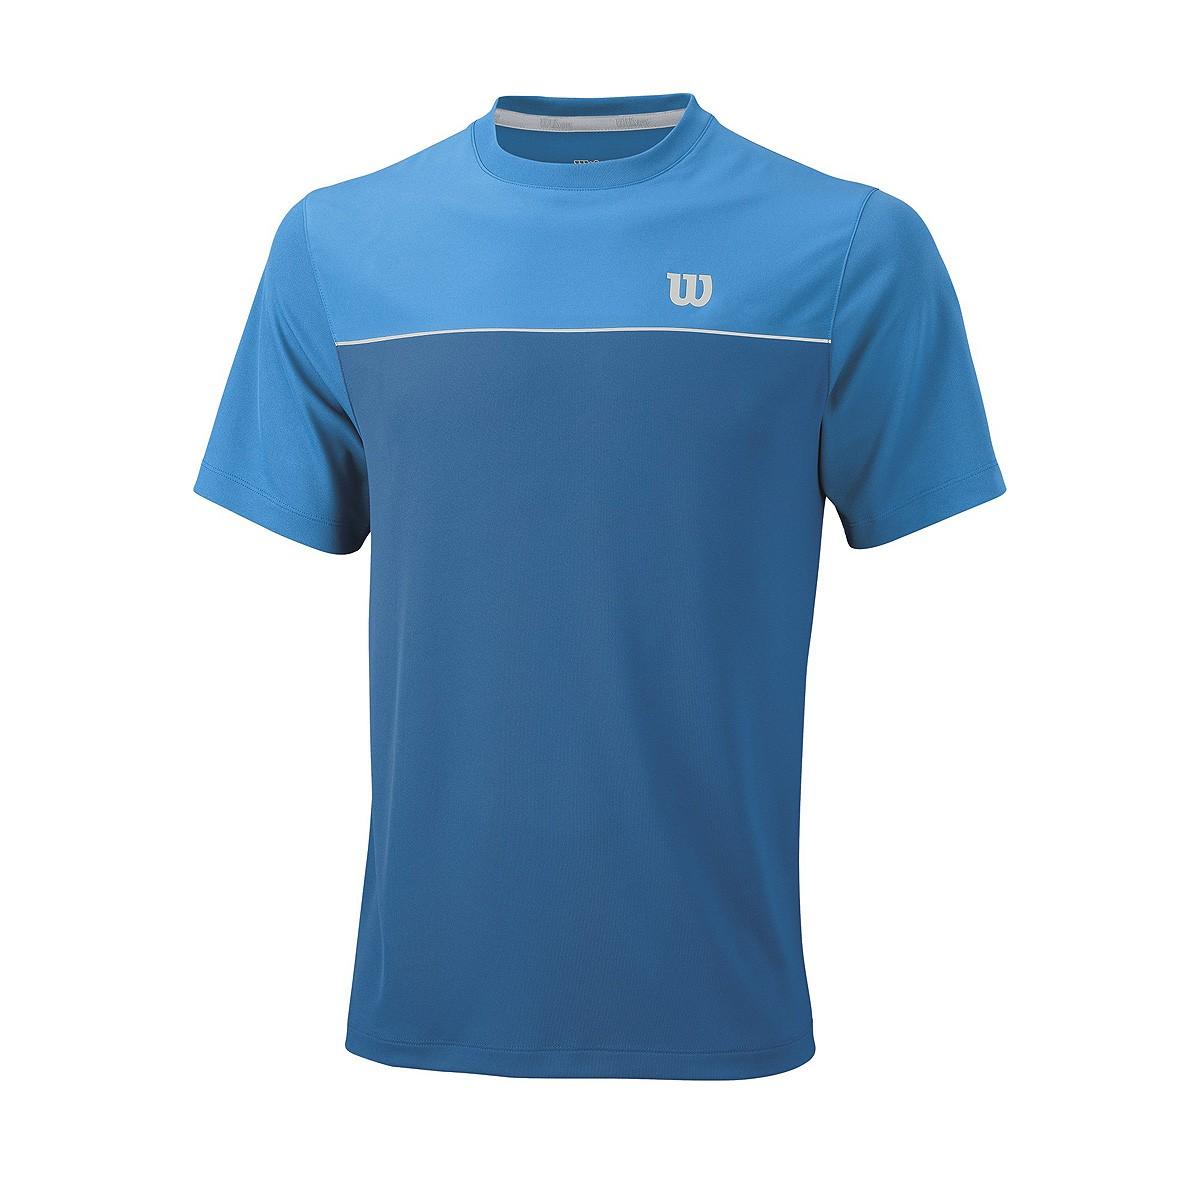 Koszulka tenisowa Wilson Star Bonded Crew - Wyprzedaż!